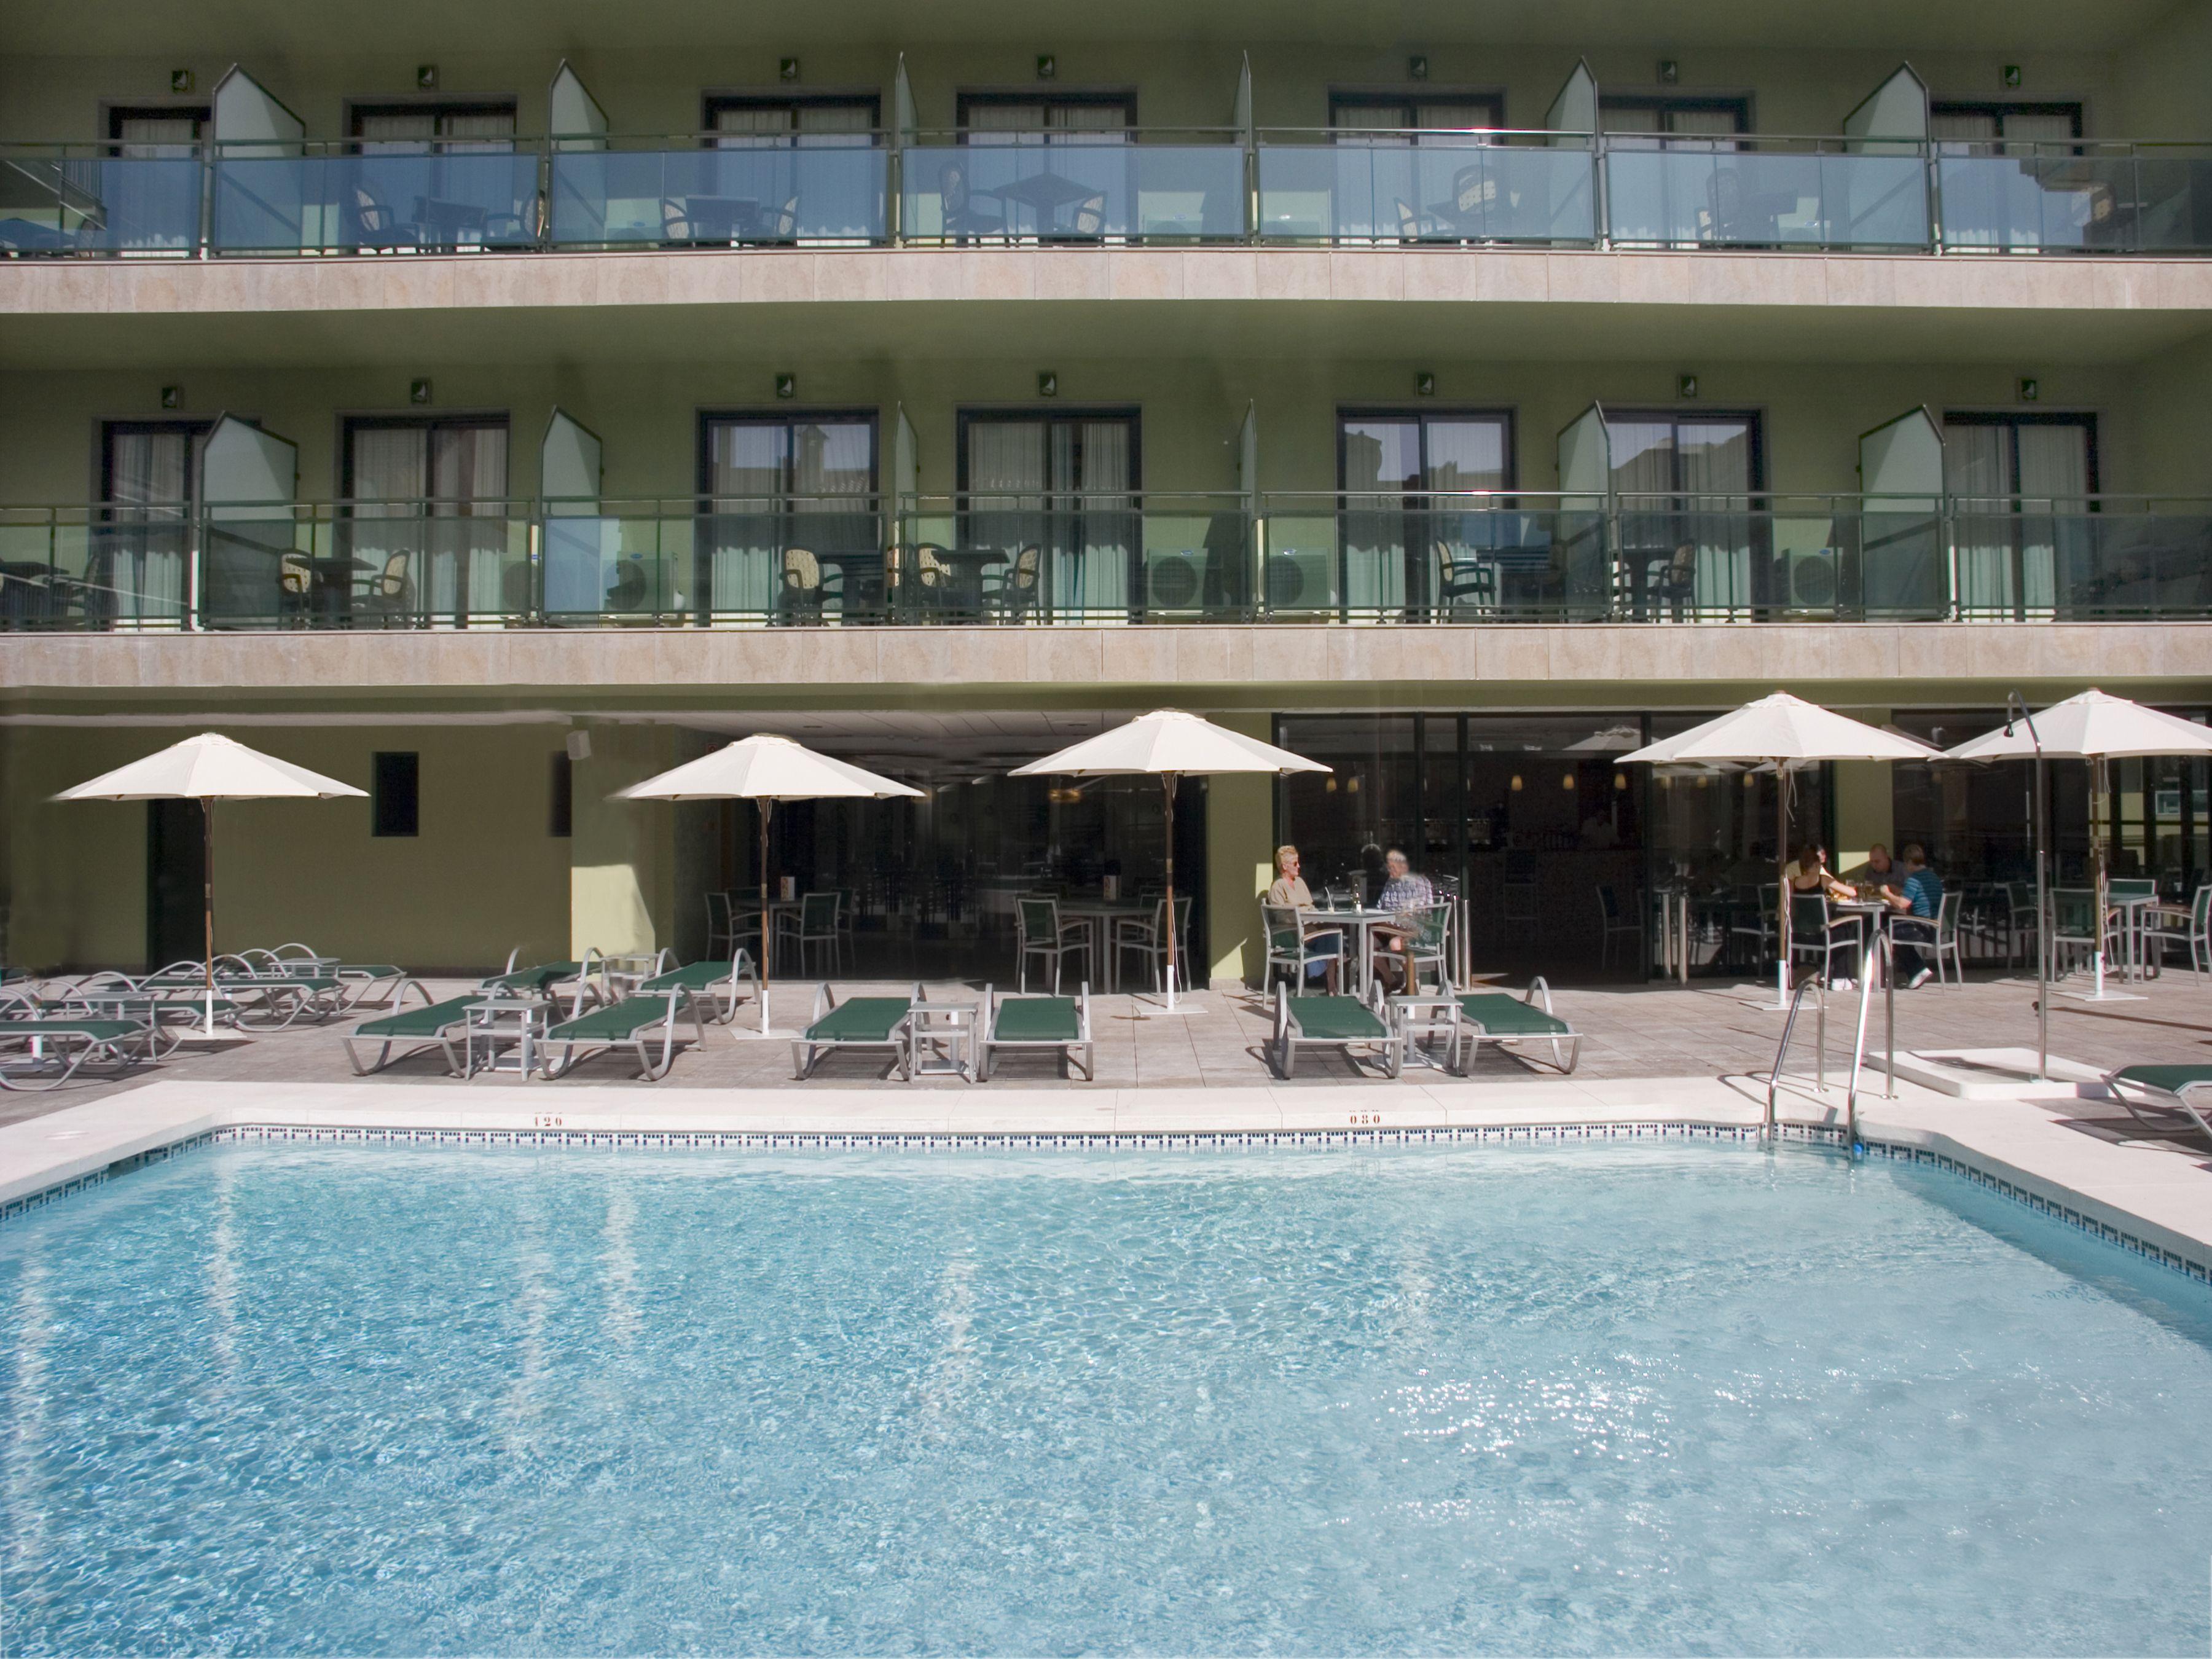 Plan para este fin de semana: desconecta dos días y disfruta del sol y del calor en el #HotelFloridaSpa en #Fuengirola #Malaga ! #Wonderbox #Wonderplan #Desconectadosdias #MileUnasNochesdeEnsueño